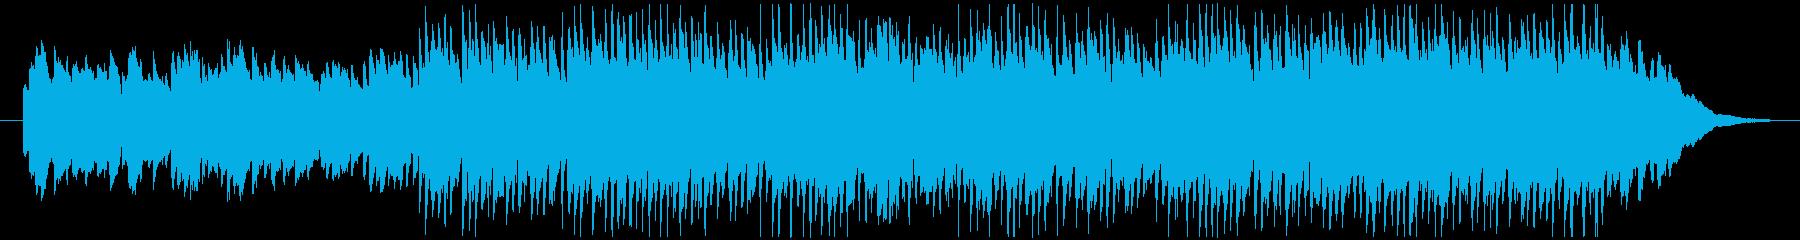 ランダムなピアノフレーズが印象的なBGMの再生済みの波形